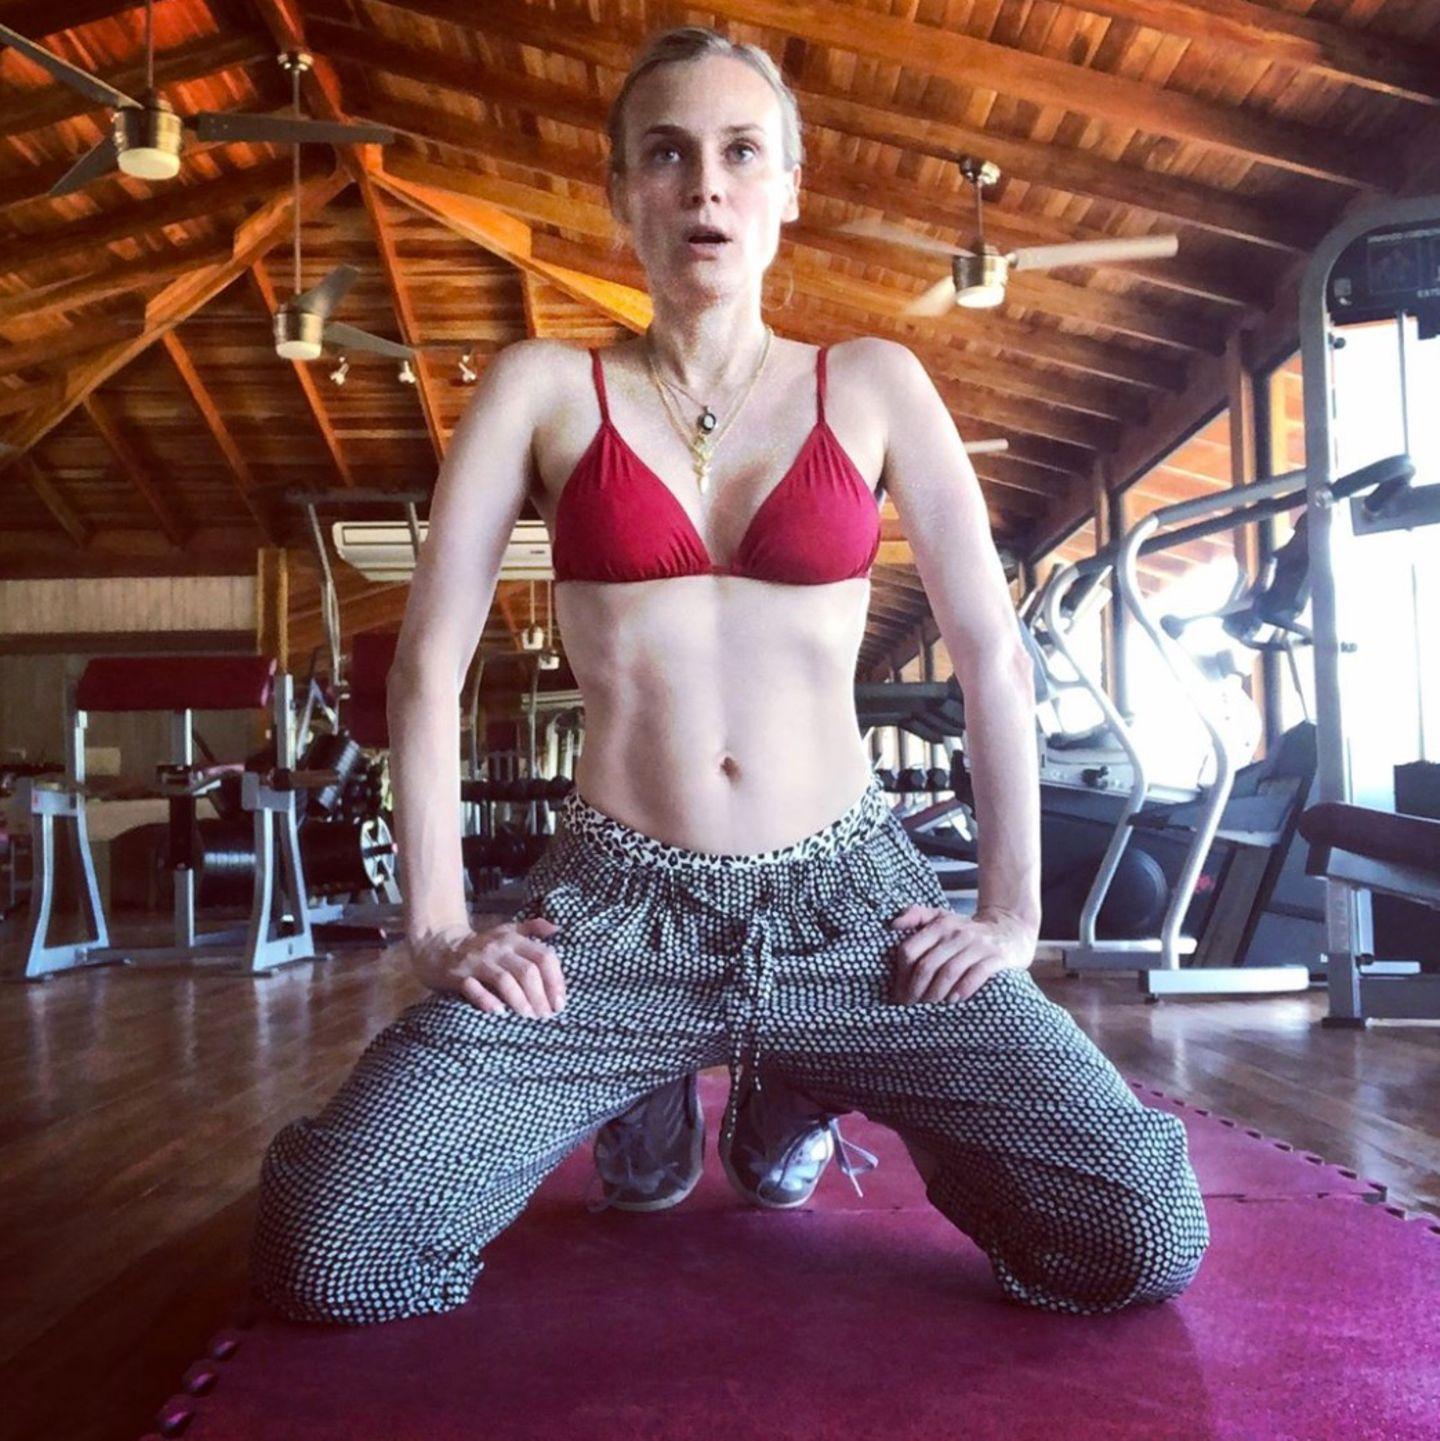 """Mit diesem Instagram-Post zeigt sich Diane Kruger von einer ganz neuen Seite. Ganz offen spricht sie über ihren After-Baby-Body: """"Es war harte Arbeitmeine Bauchmuskeln wieder zu bekommen. Ich dachte nicht, dass das möglich ist, nachdem ich ein Kind bekommen habe. Und schon gar nicht in meinem Alter."""" Weiter erklärt die 42-Jährige im Text unter diesem Foto, dass sie ohne Trainer arbeitet und dabei stets von ihrem Ziel motiviert sei, ihre alte Form zurück zu erlangen.Das scheint dem Hollywoodstar offensichtlich gelungen zu sein. Kruger fasst es am Ende passend zusammen: """"Der weibliche Körper ist erstaunlich."""""""